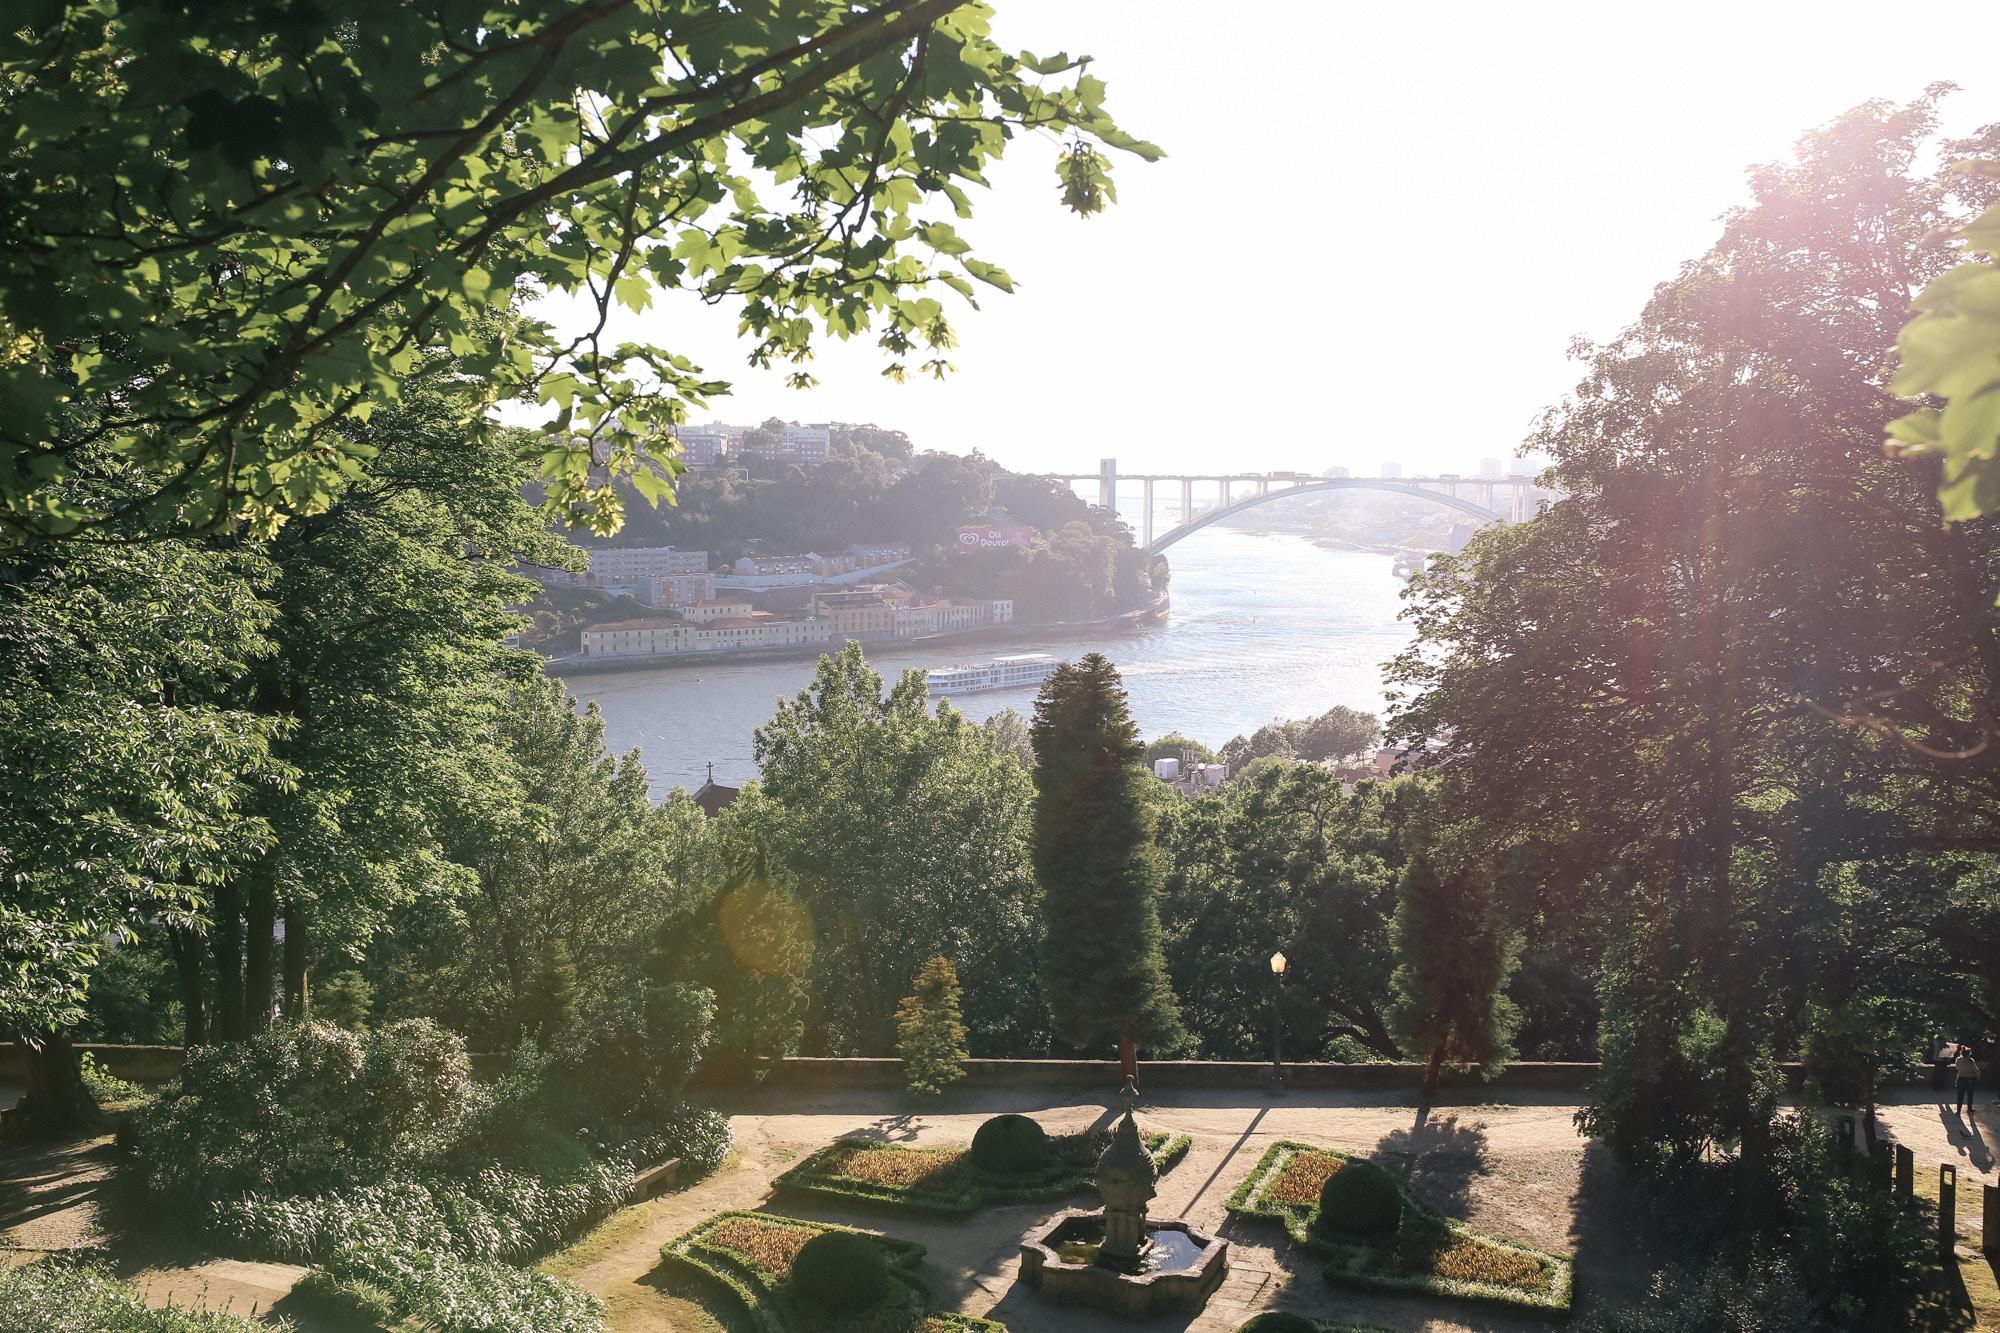 jardins do palacio de cristal porto